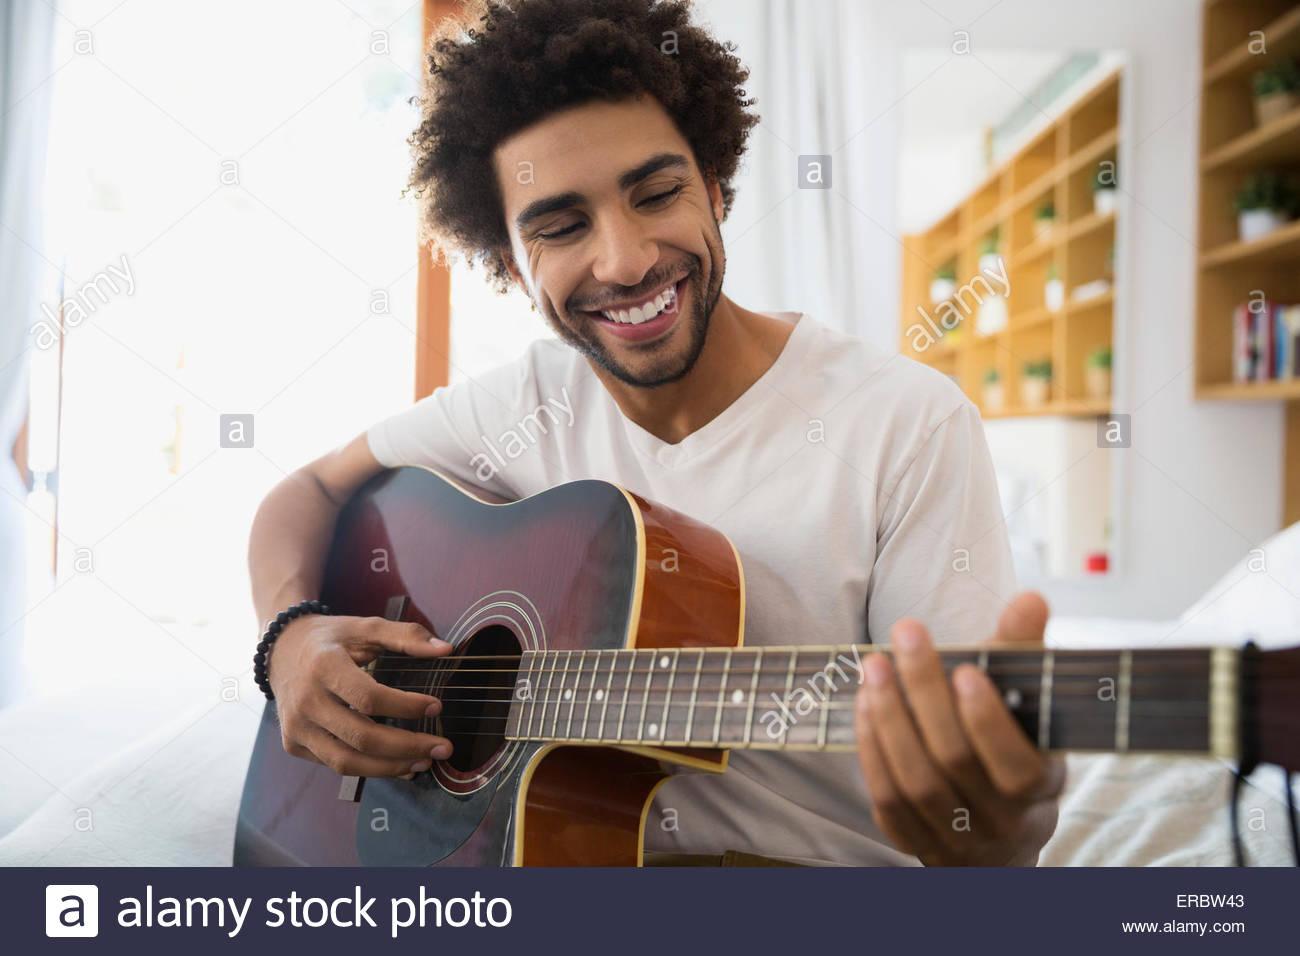 Uomo sorridente a suonare la chitarra in camera da letto Immagini Stock